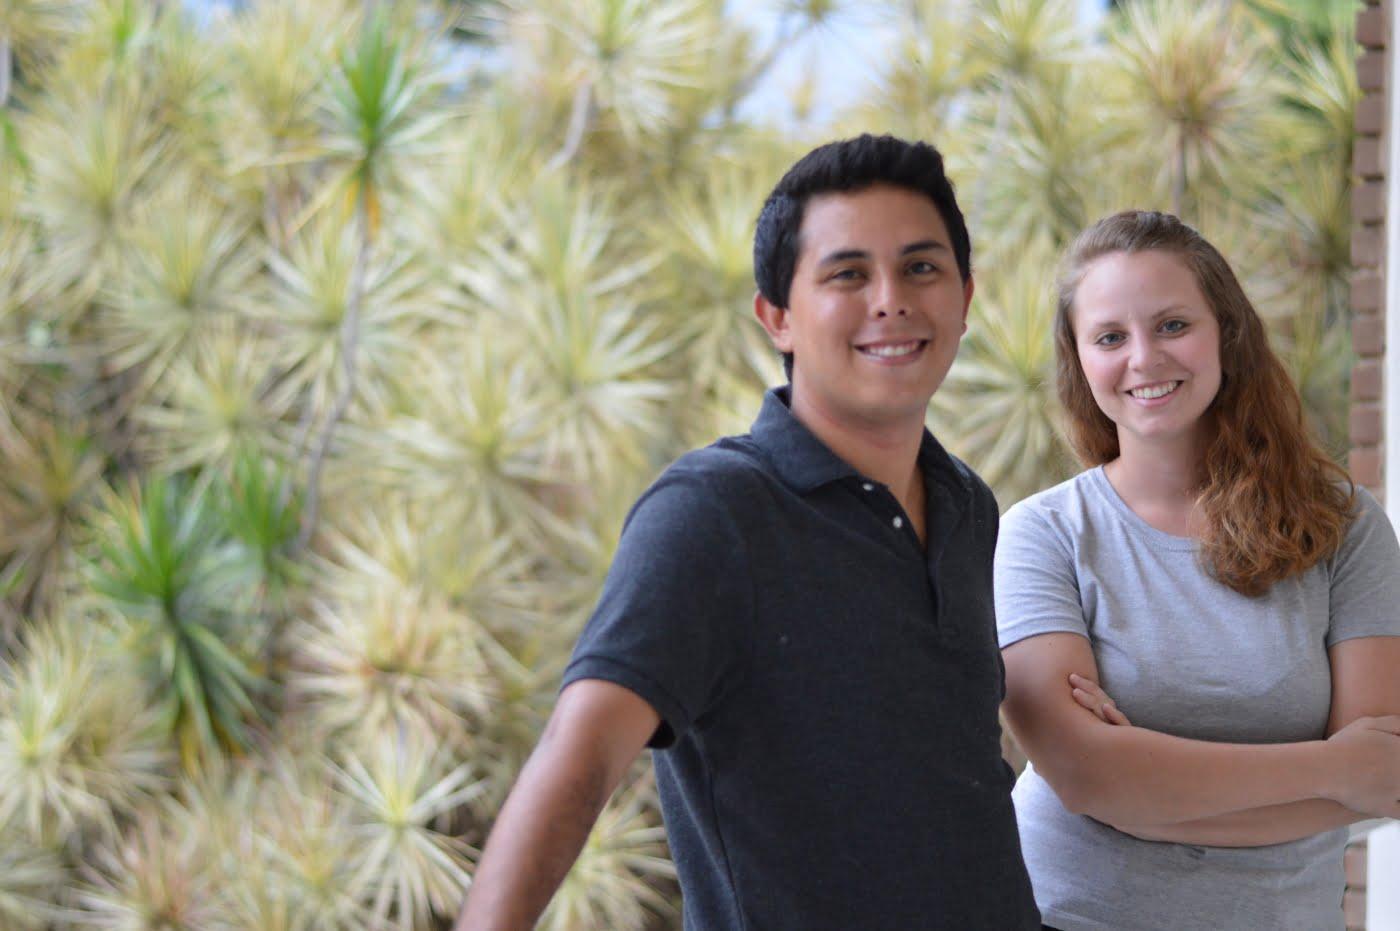 Depois de meses enfrentando cancelamentos e novas tarifas do mercado, Giuliana Wolf e Thiago Tavares deram adeus ao negócio que começaram do zero.